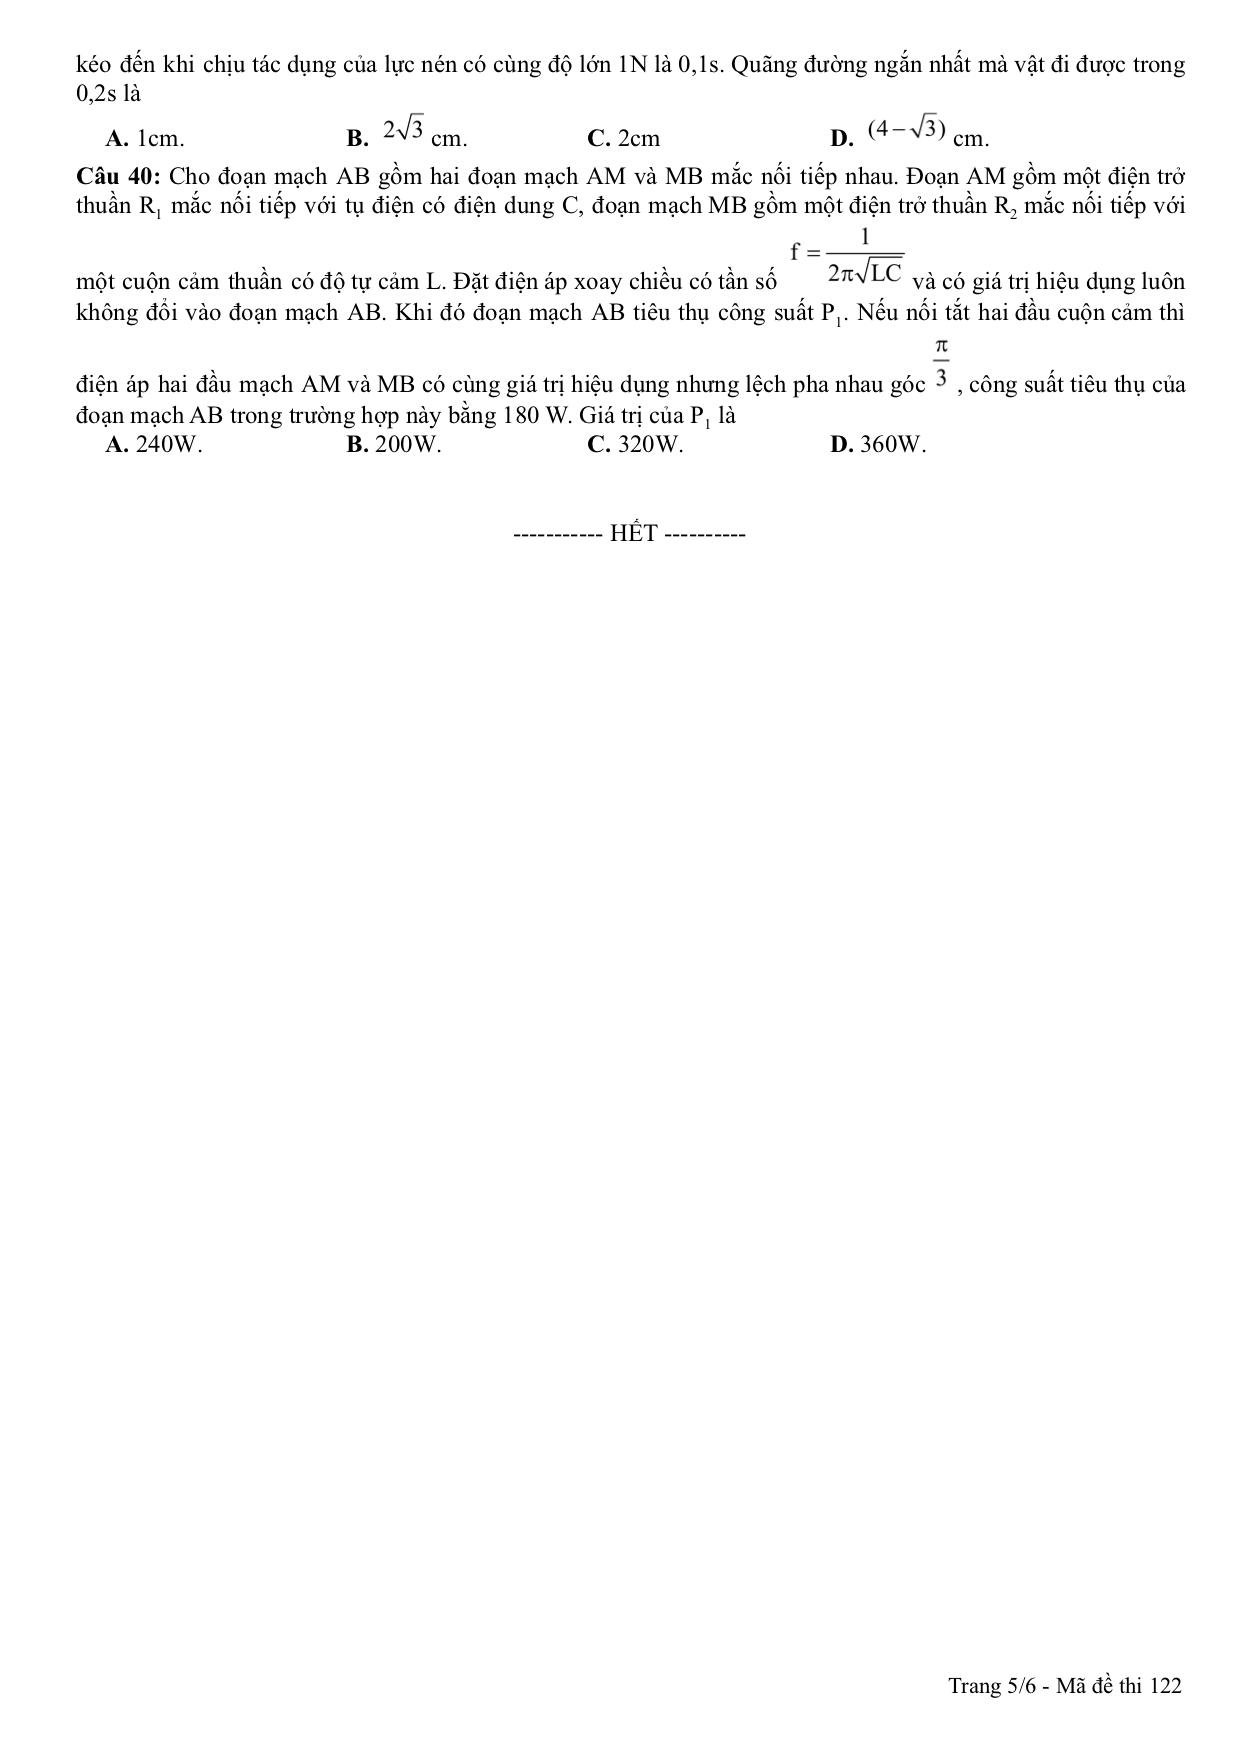 Đề thi thử môn Lý 2019 có đáp án trường THPT Ngô Quyền - Hải Phòng lần 1